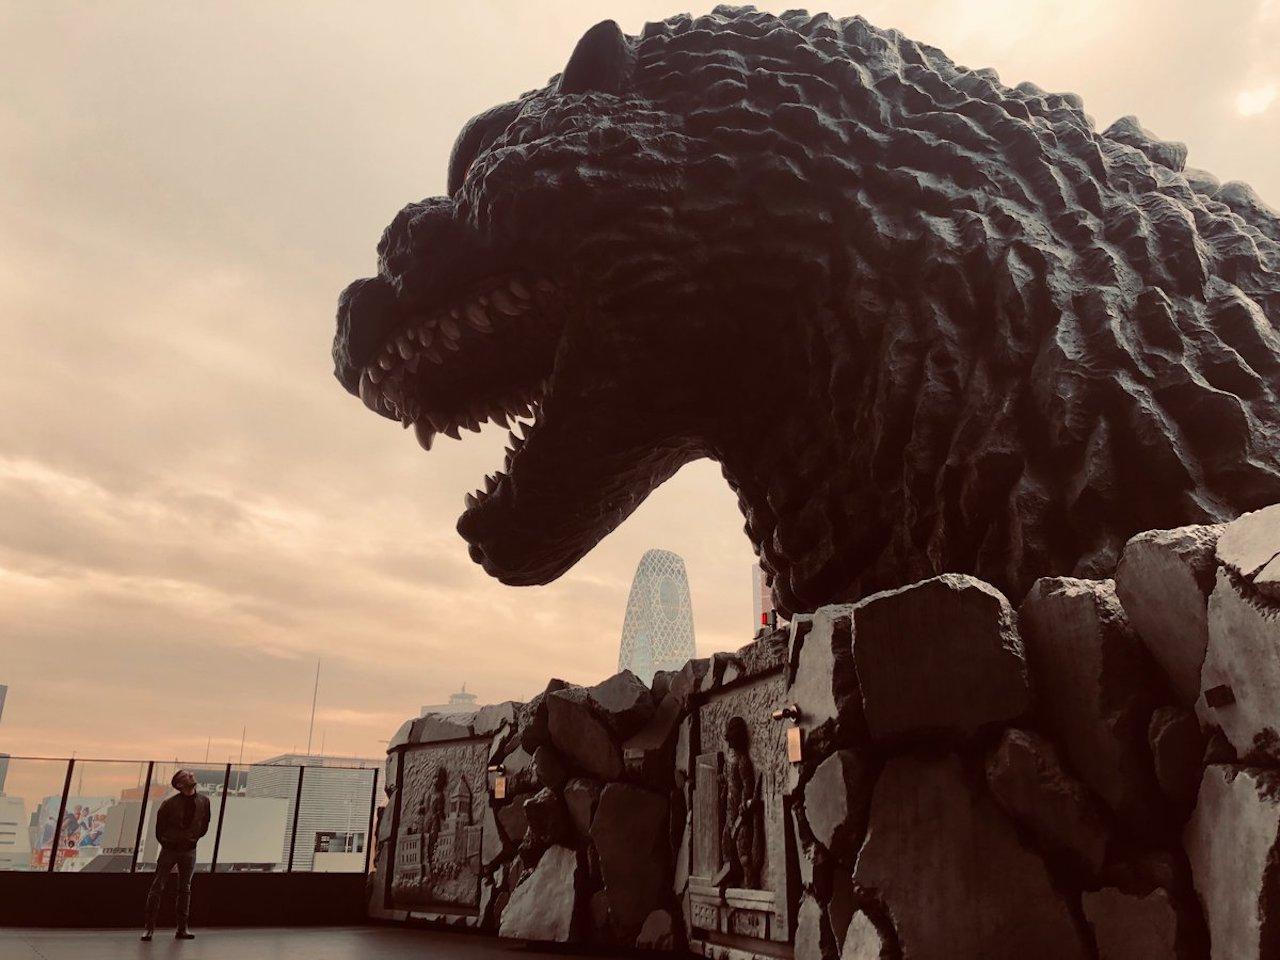 好萊塢哥吉拉再度襲來,而且這次《哥吉拉 2:怪獸之王》中甦醒的巨獸不只牠一隻!